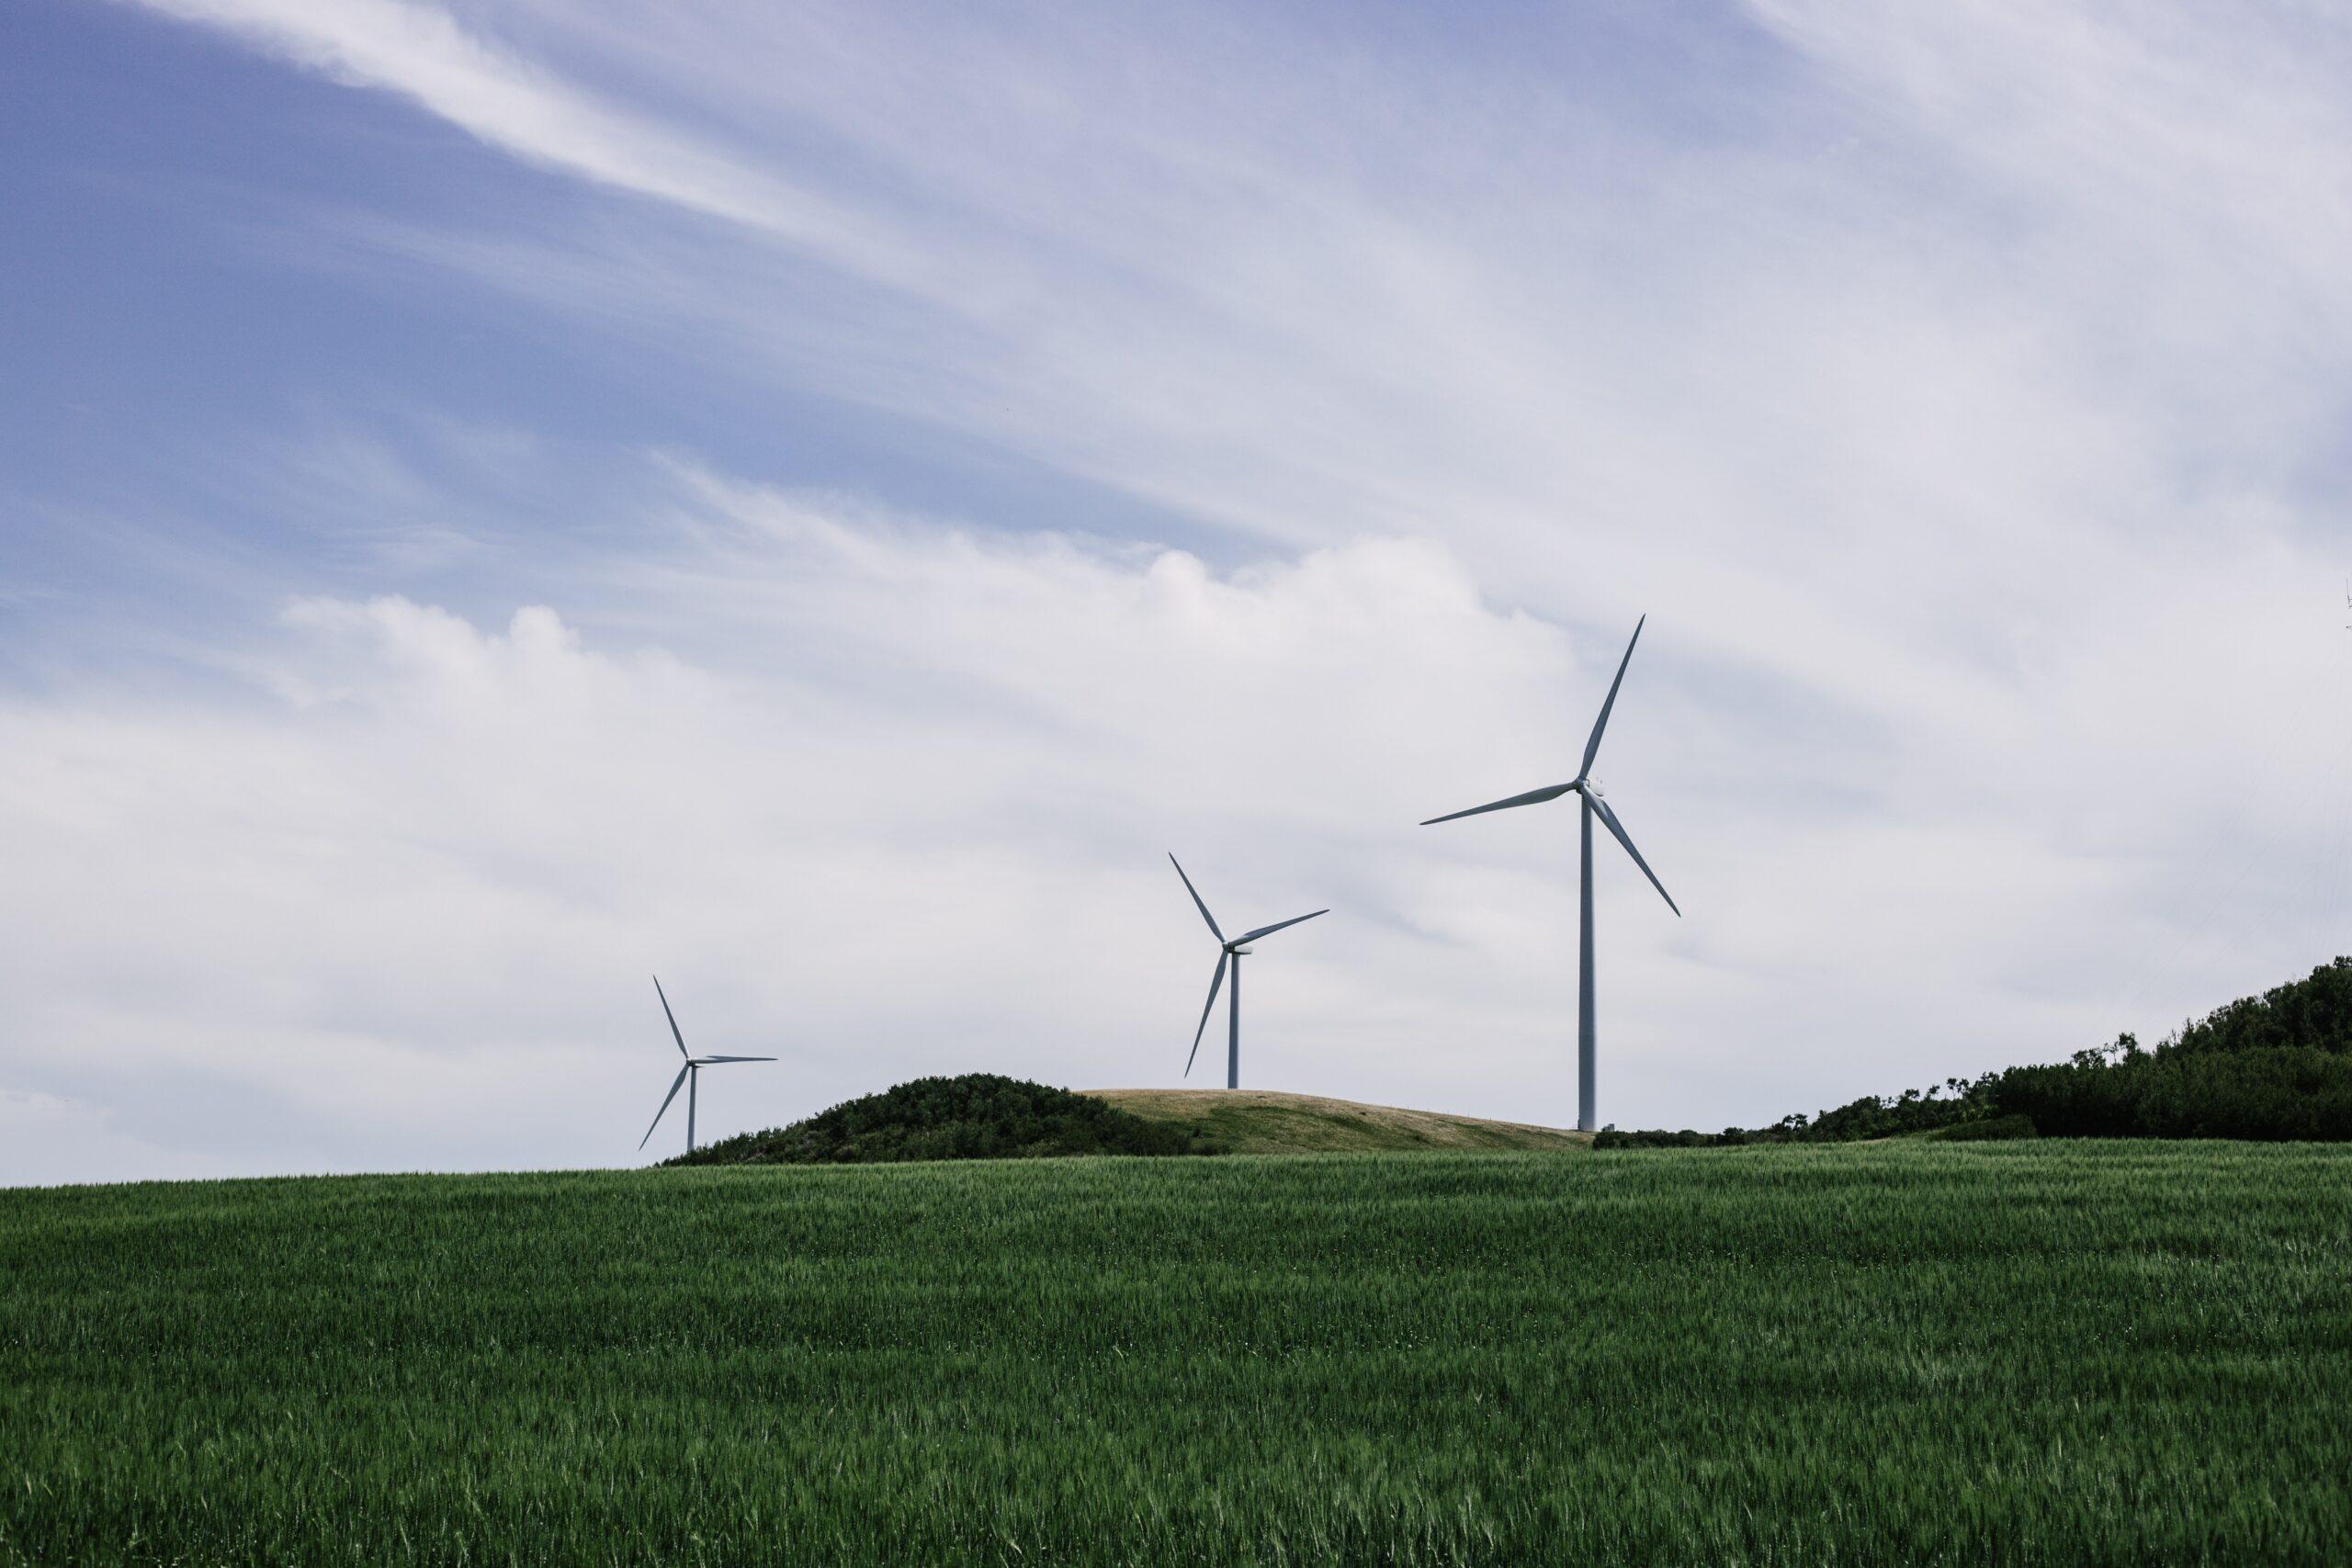 将来も地球に住み続けられるよう エネルギーについて考えましょう